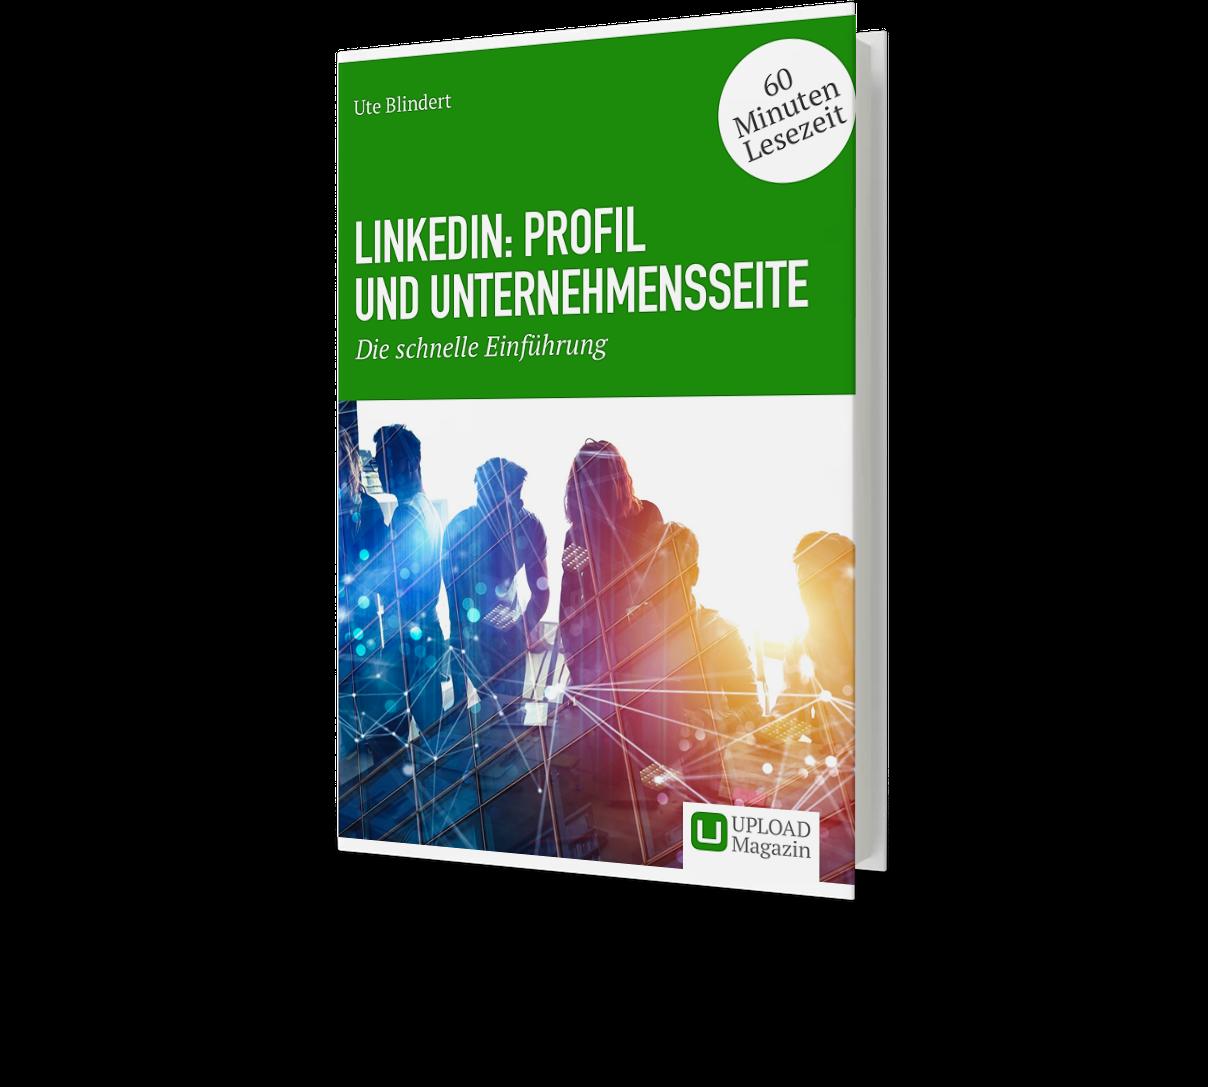 LinkedIn-eBook und Taschenbuch